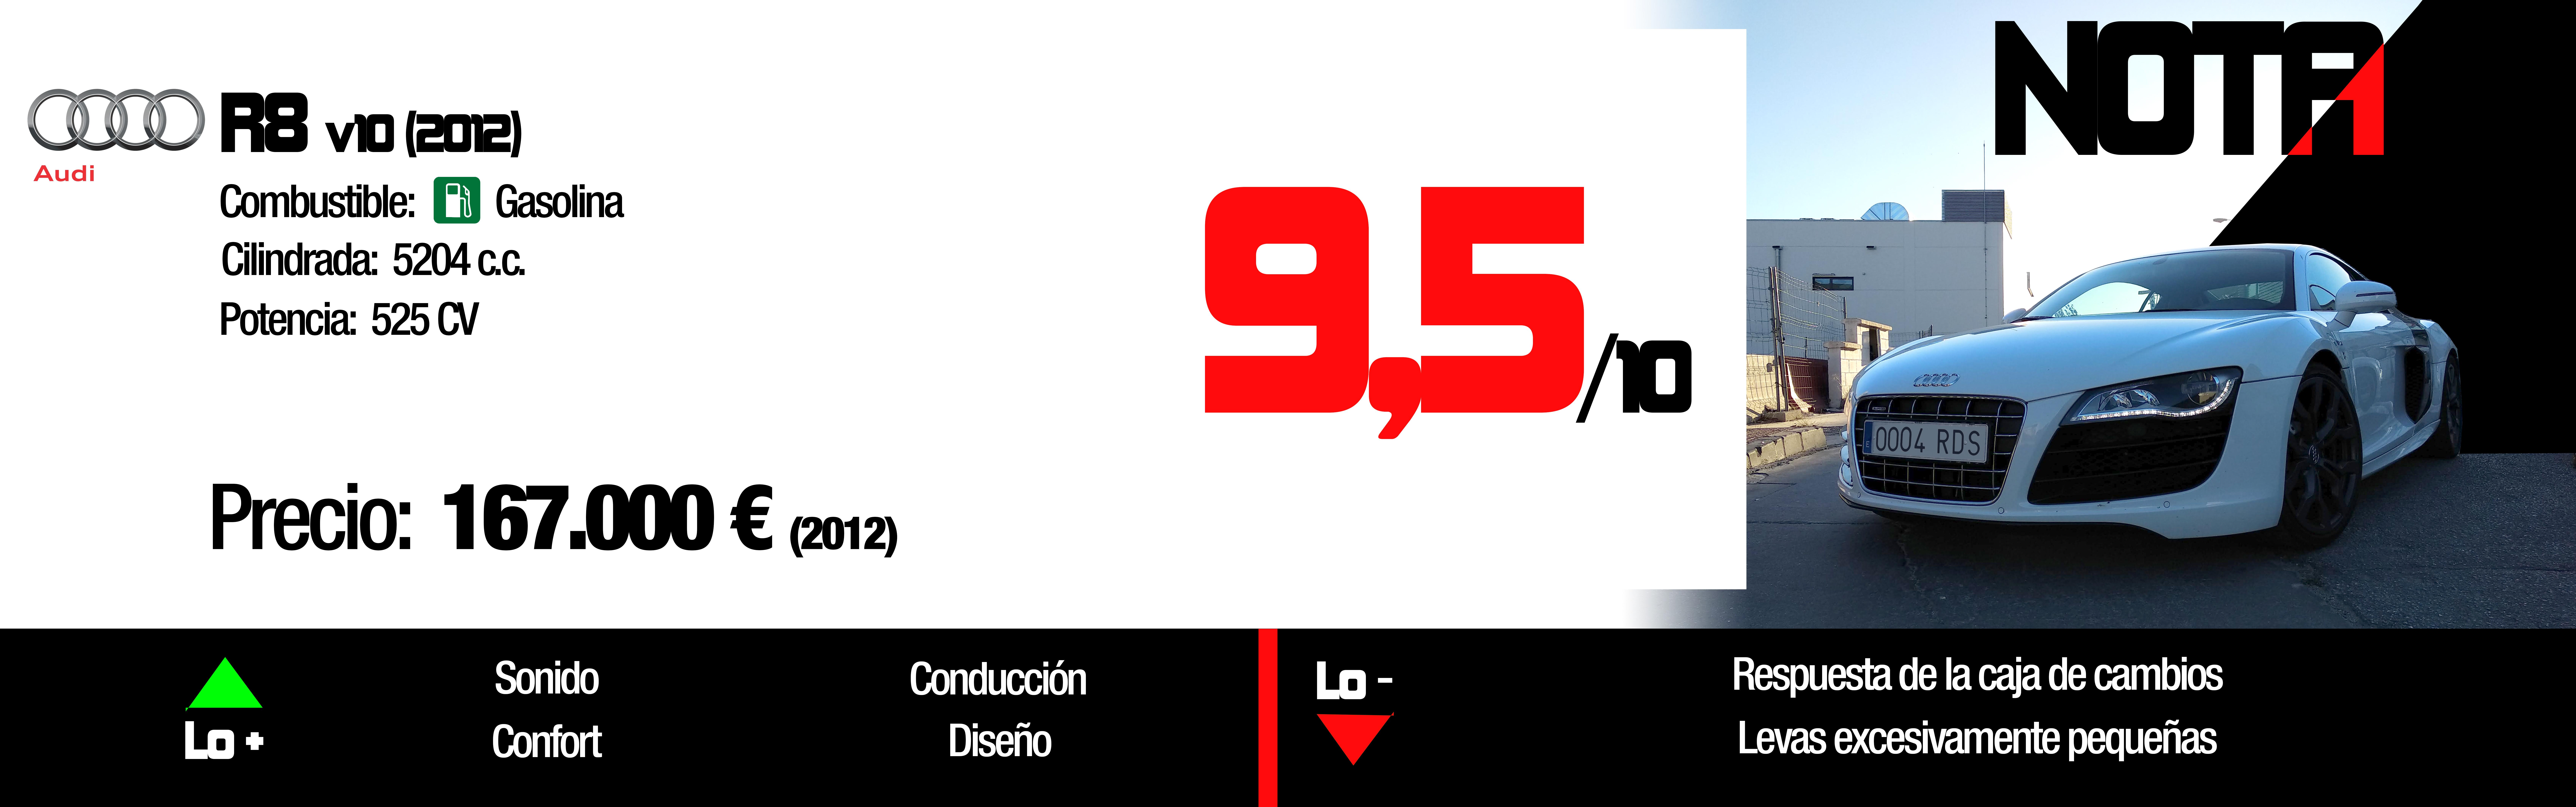 audi r8, Audi R8 V10: Una bestia de 525CV